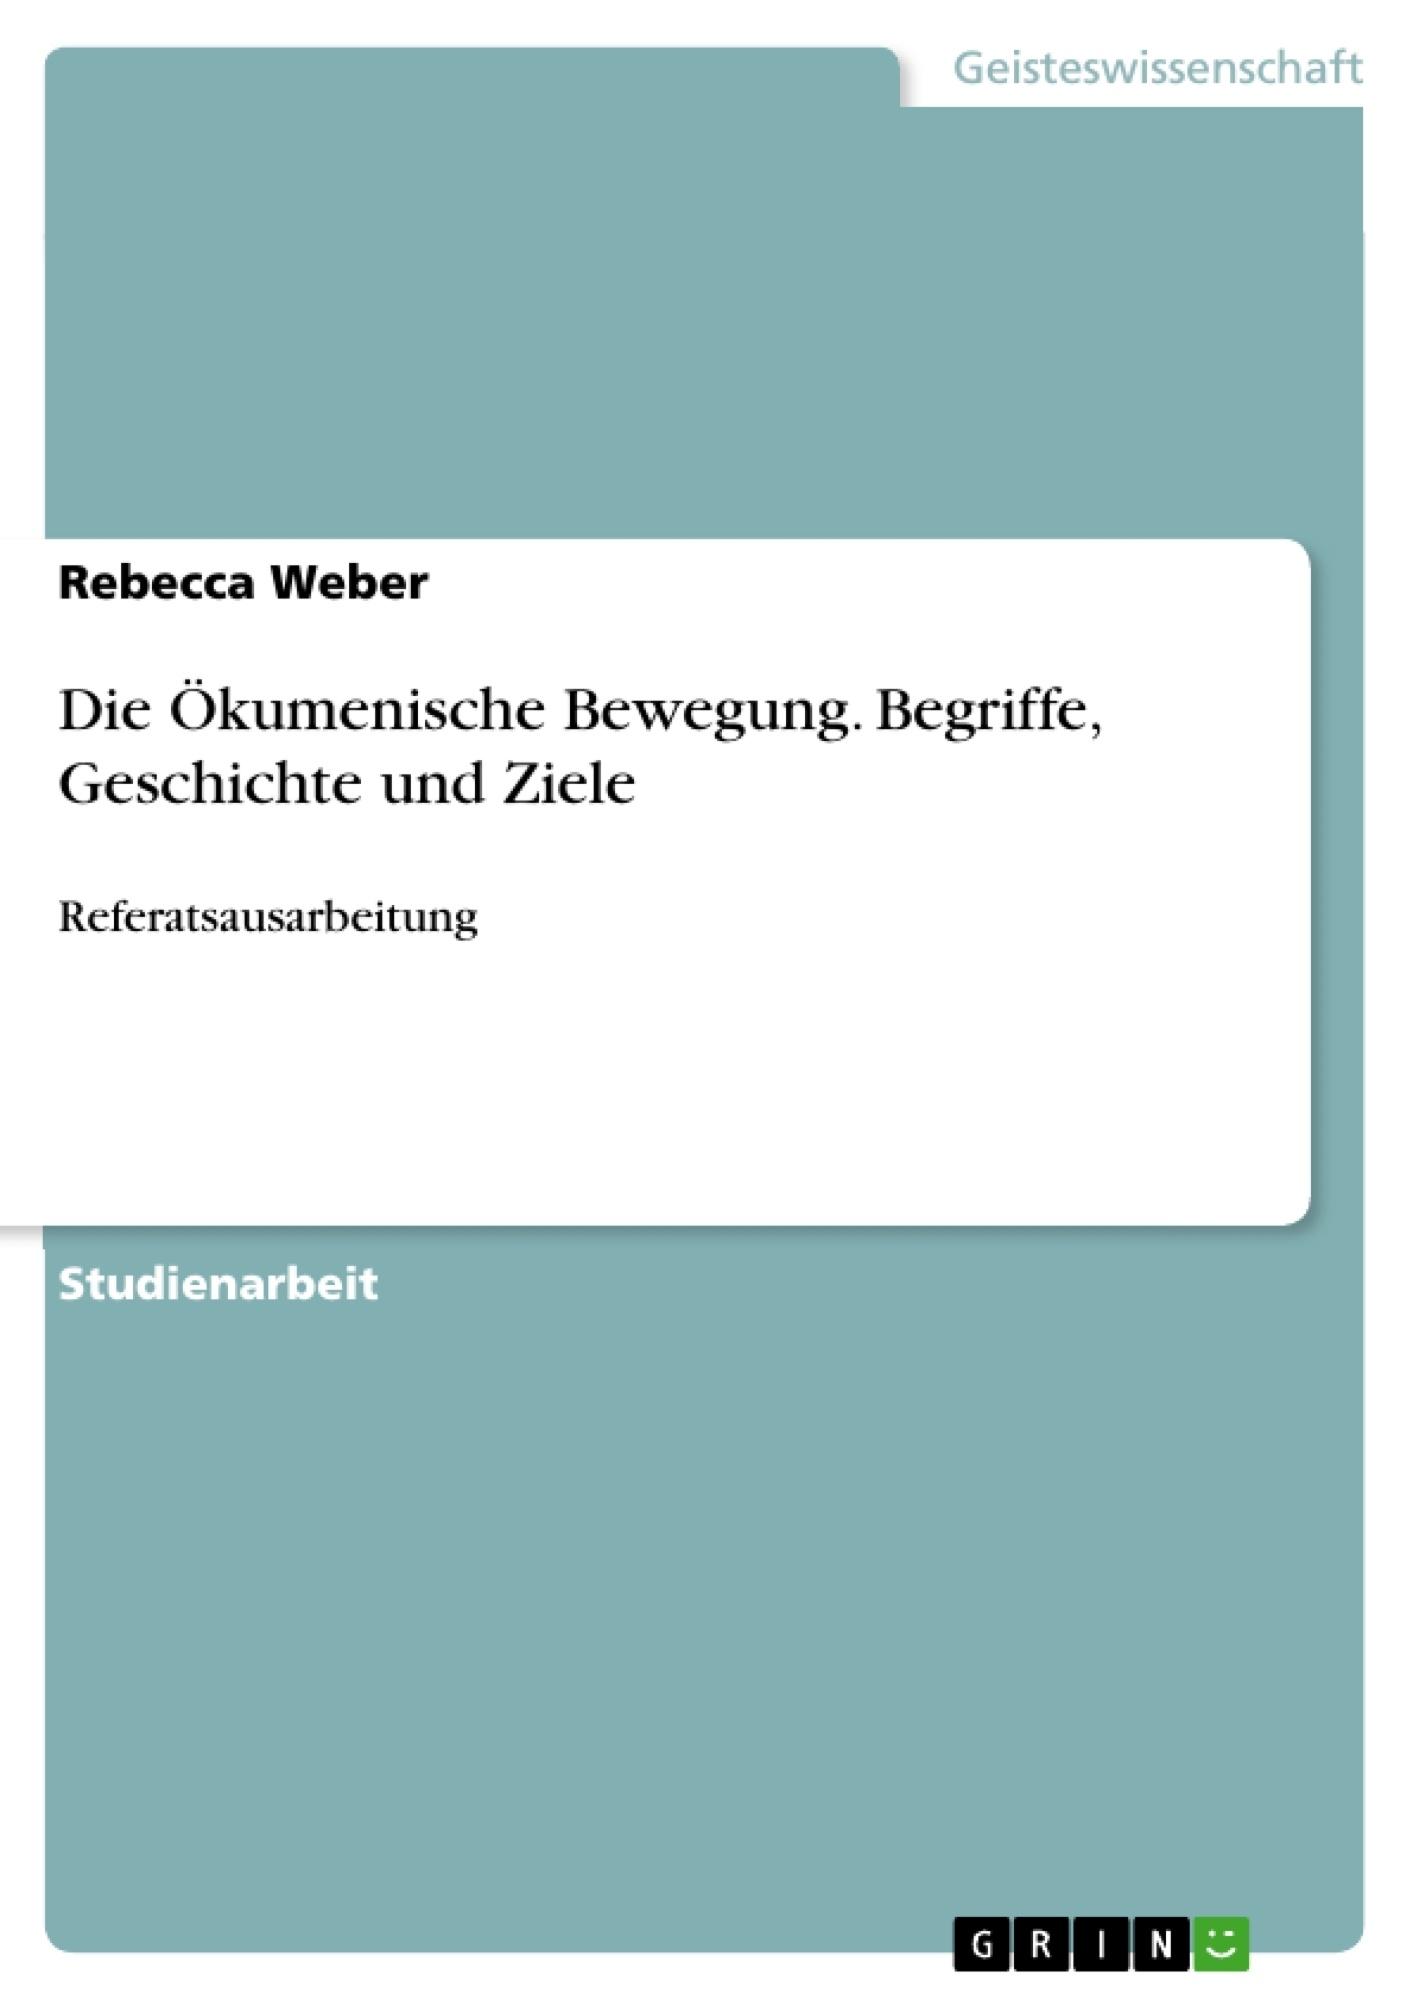 Titel: Die Ökumenische Bewegung. Begriffe, Geschichte und Ziele